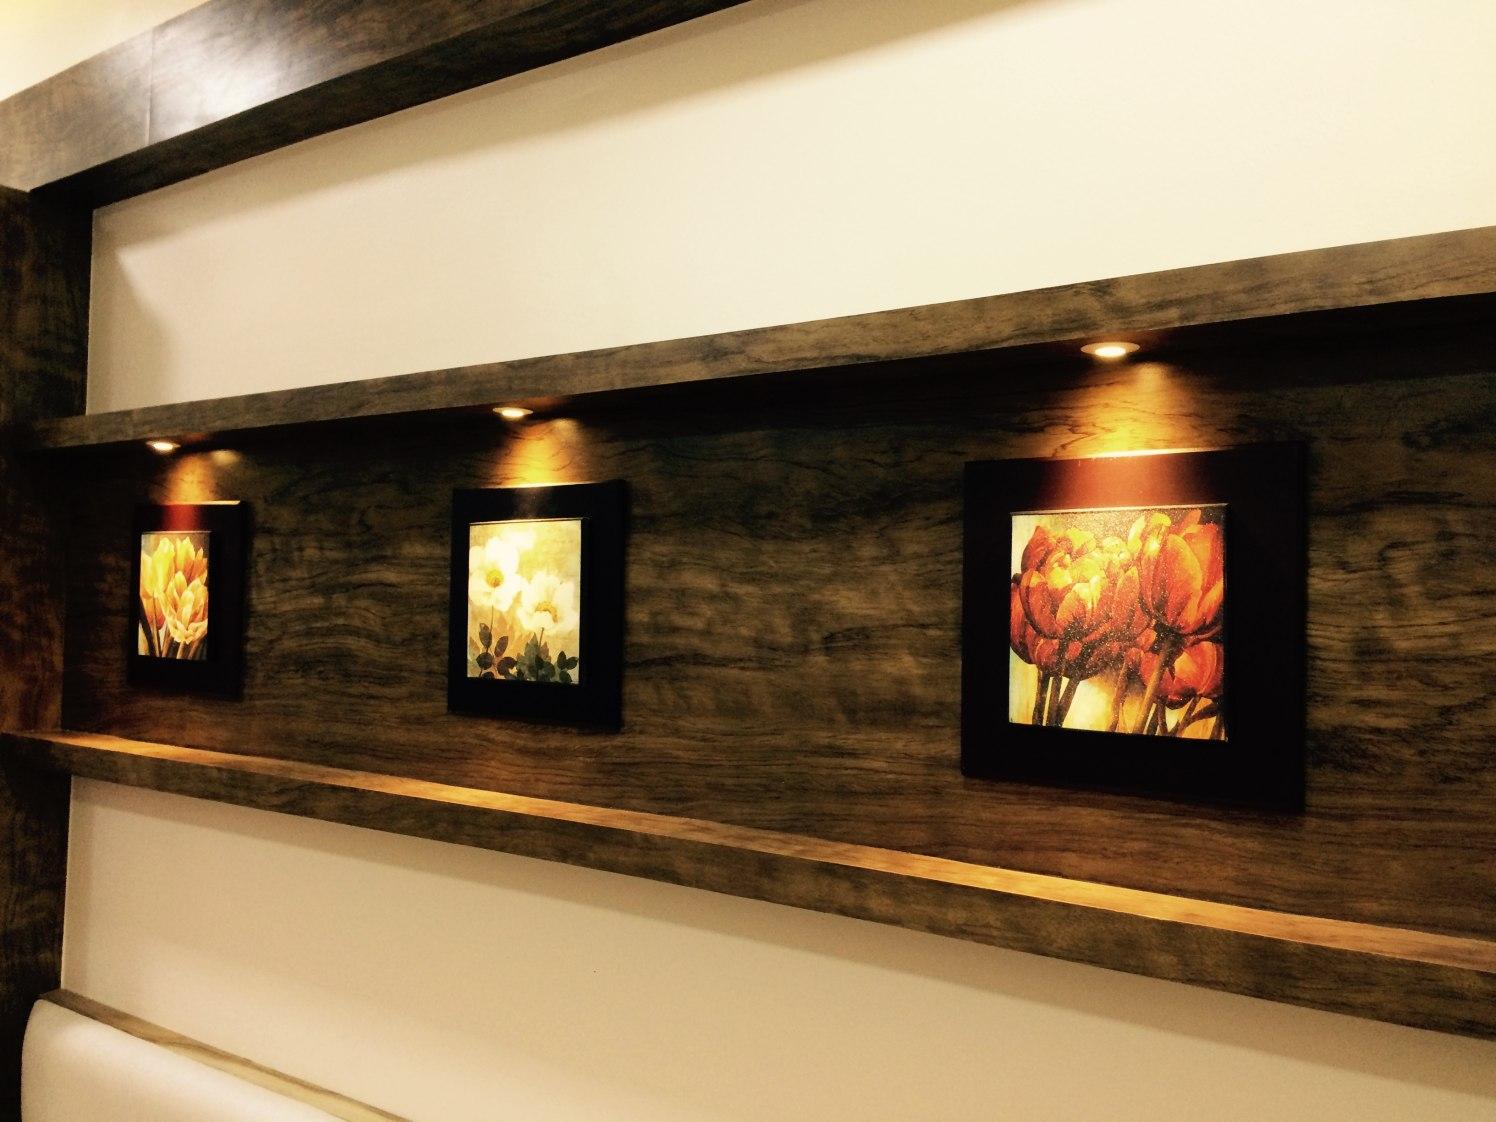 Retro Contemporary Wall Art by Vaibhav Bhalekar Traditional Modern Contemporary | Interior Design Photos & Ideas